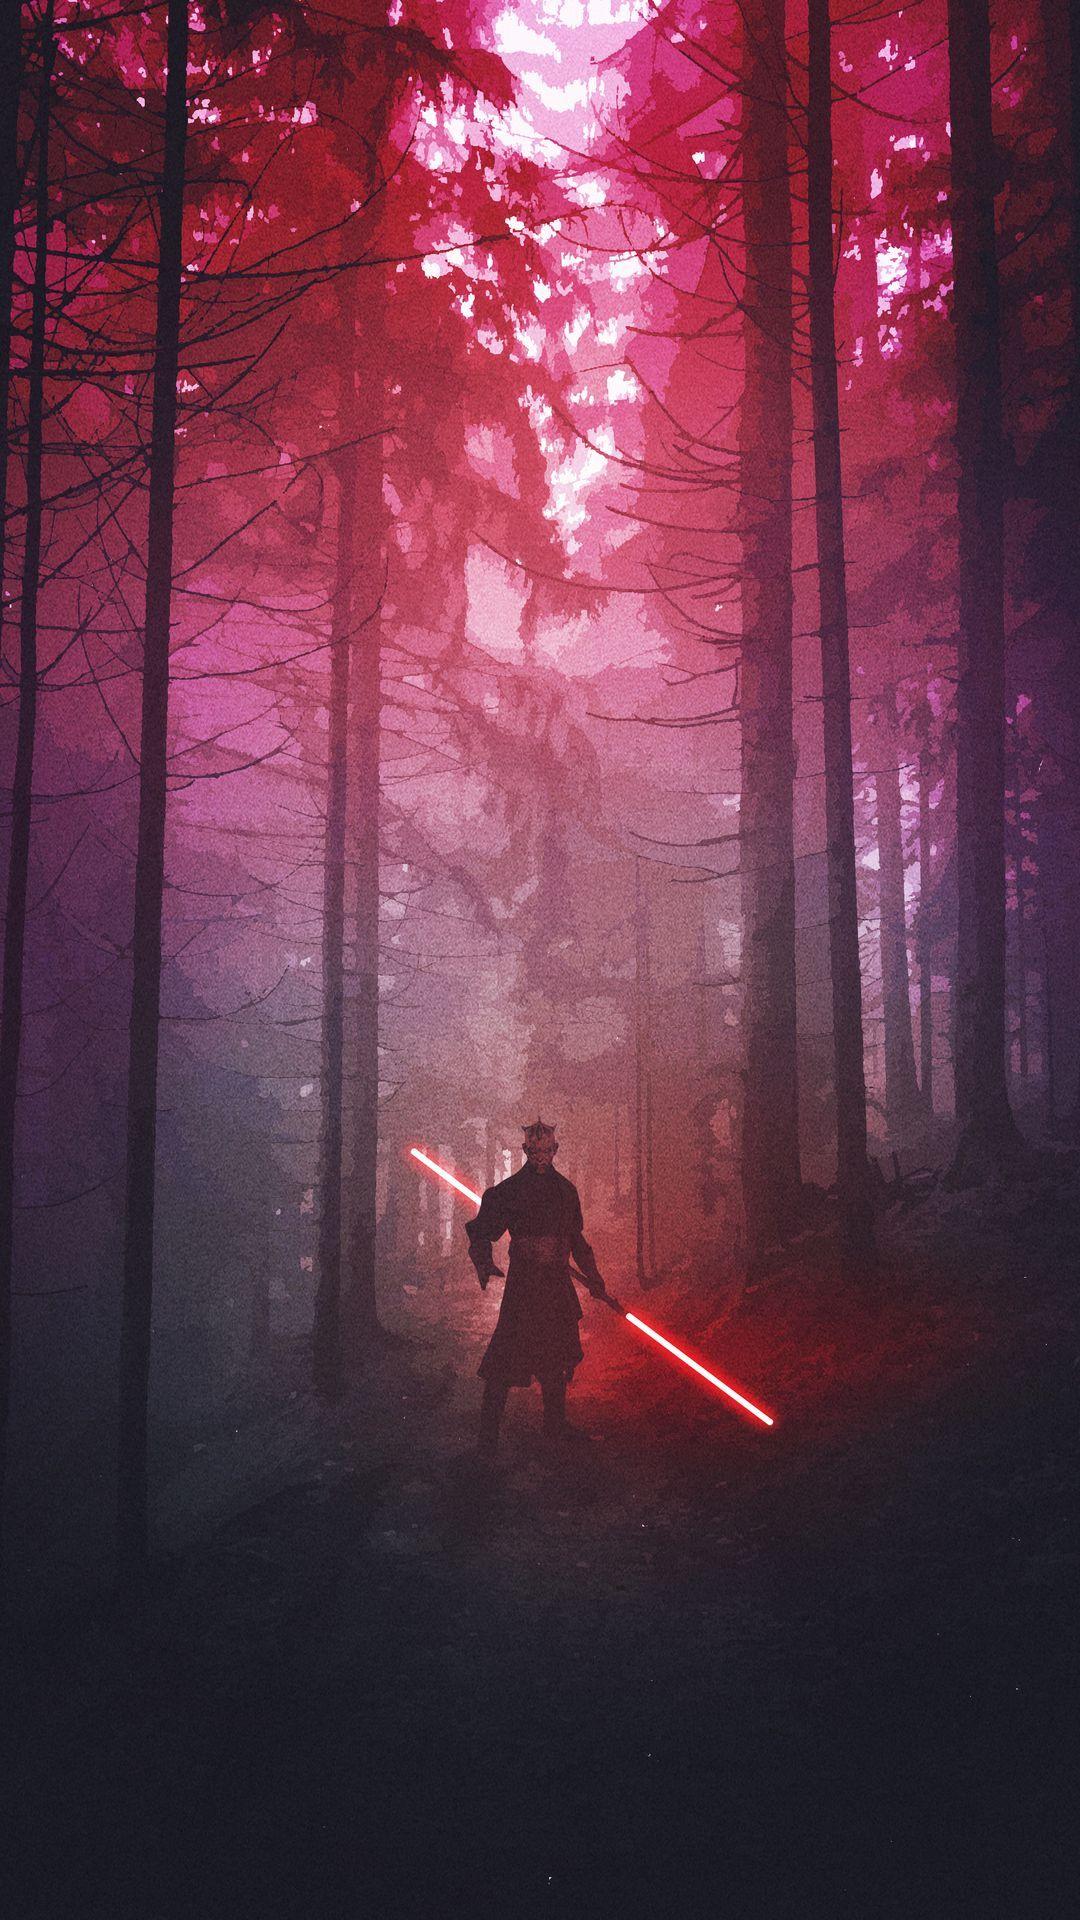 Darth Maul Star Wars Fanart by maxbeechcreative #starwars #darthmaul #fanart #art #artwork